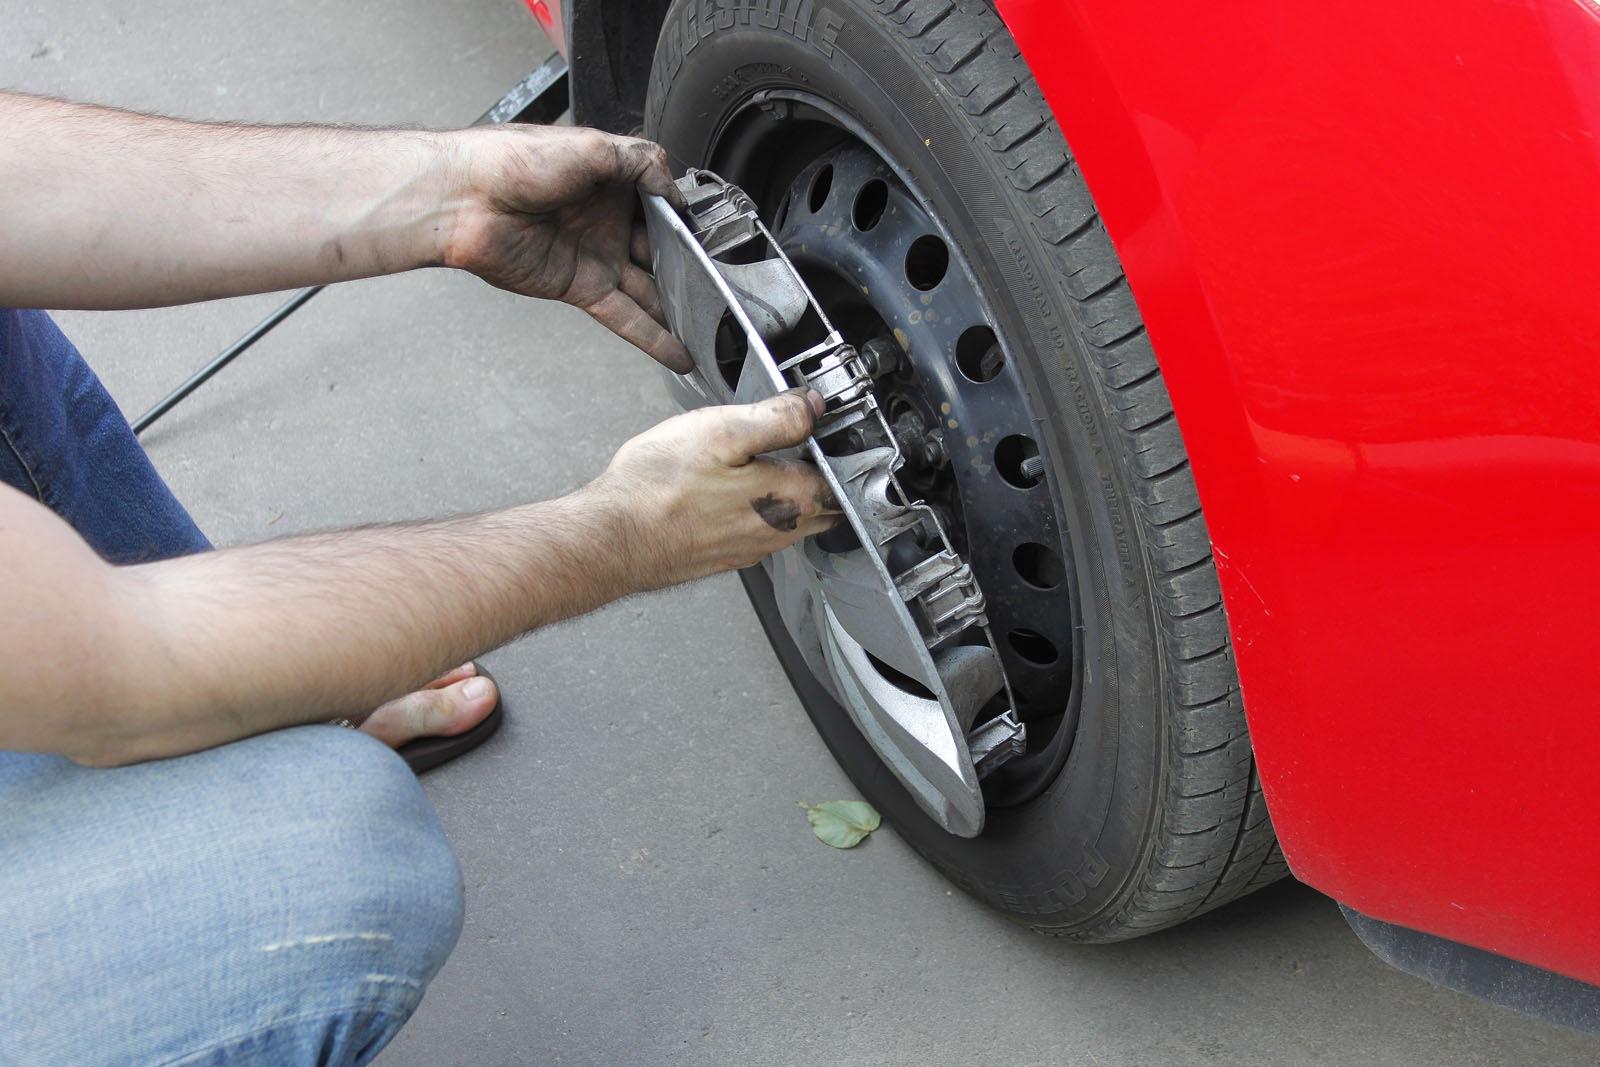 Пластиковые колёсные колпаки и их скрытые функций